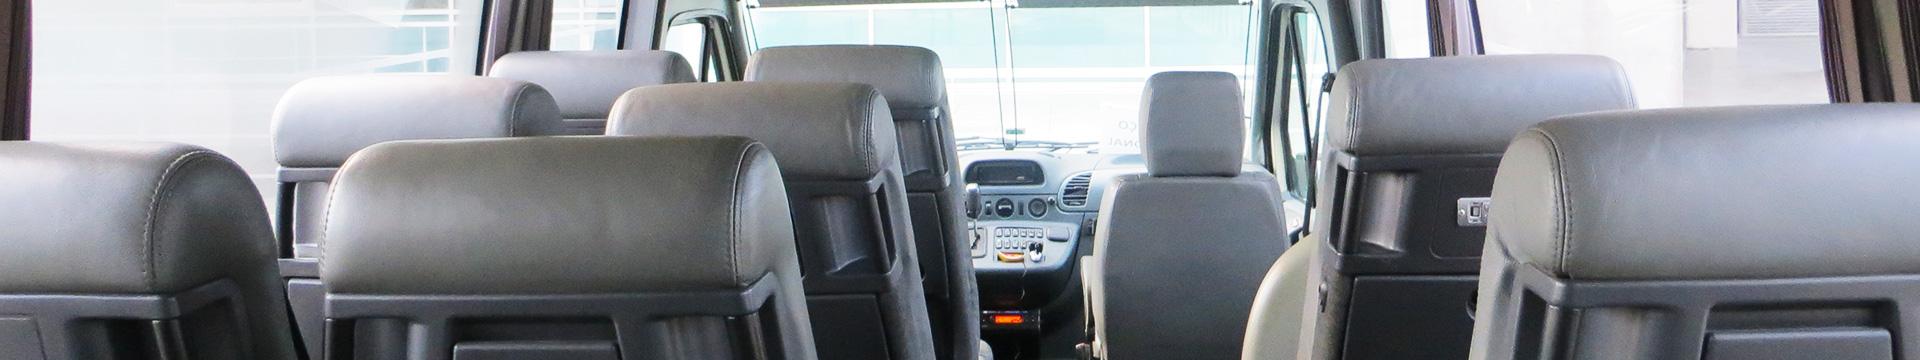 Minibus com motorista - interior